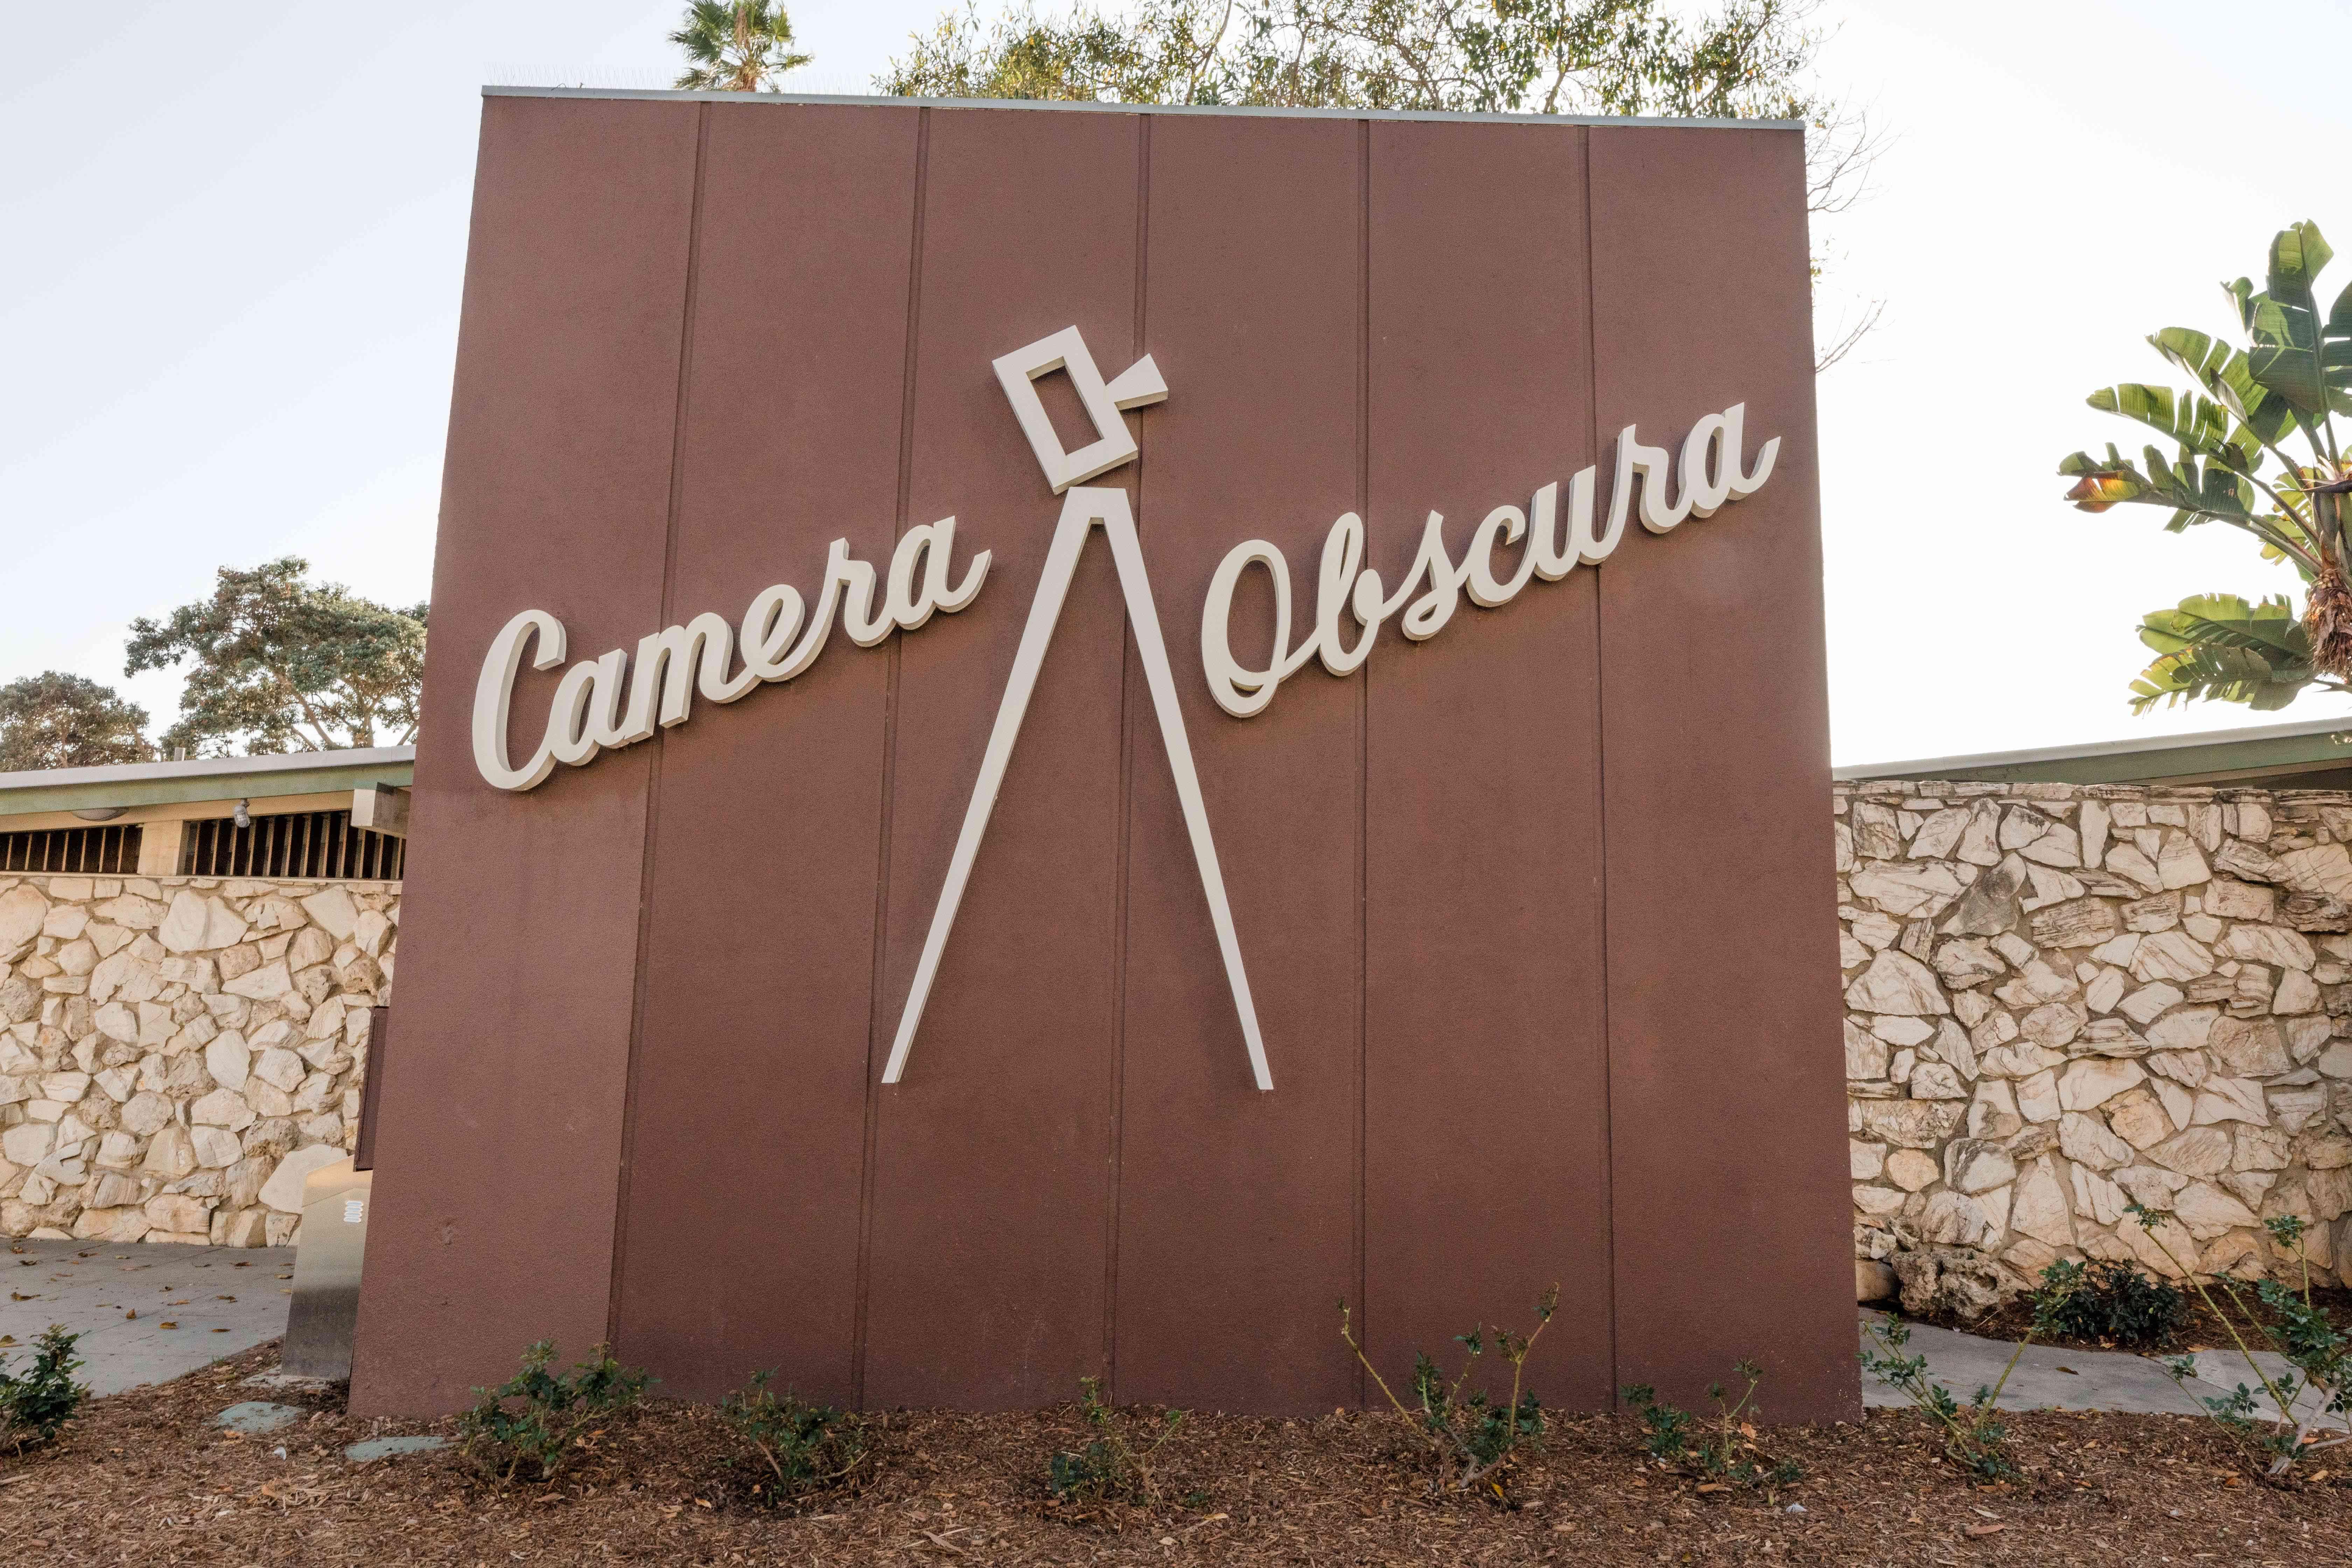 Camera Obscura in Santa Monica